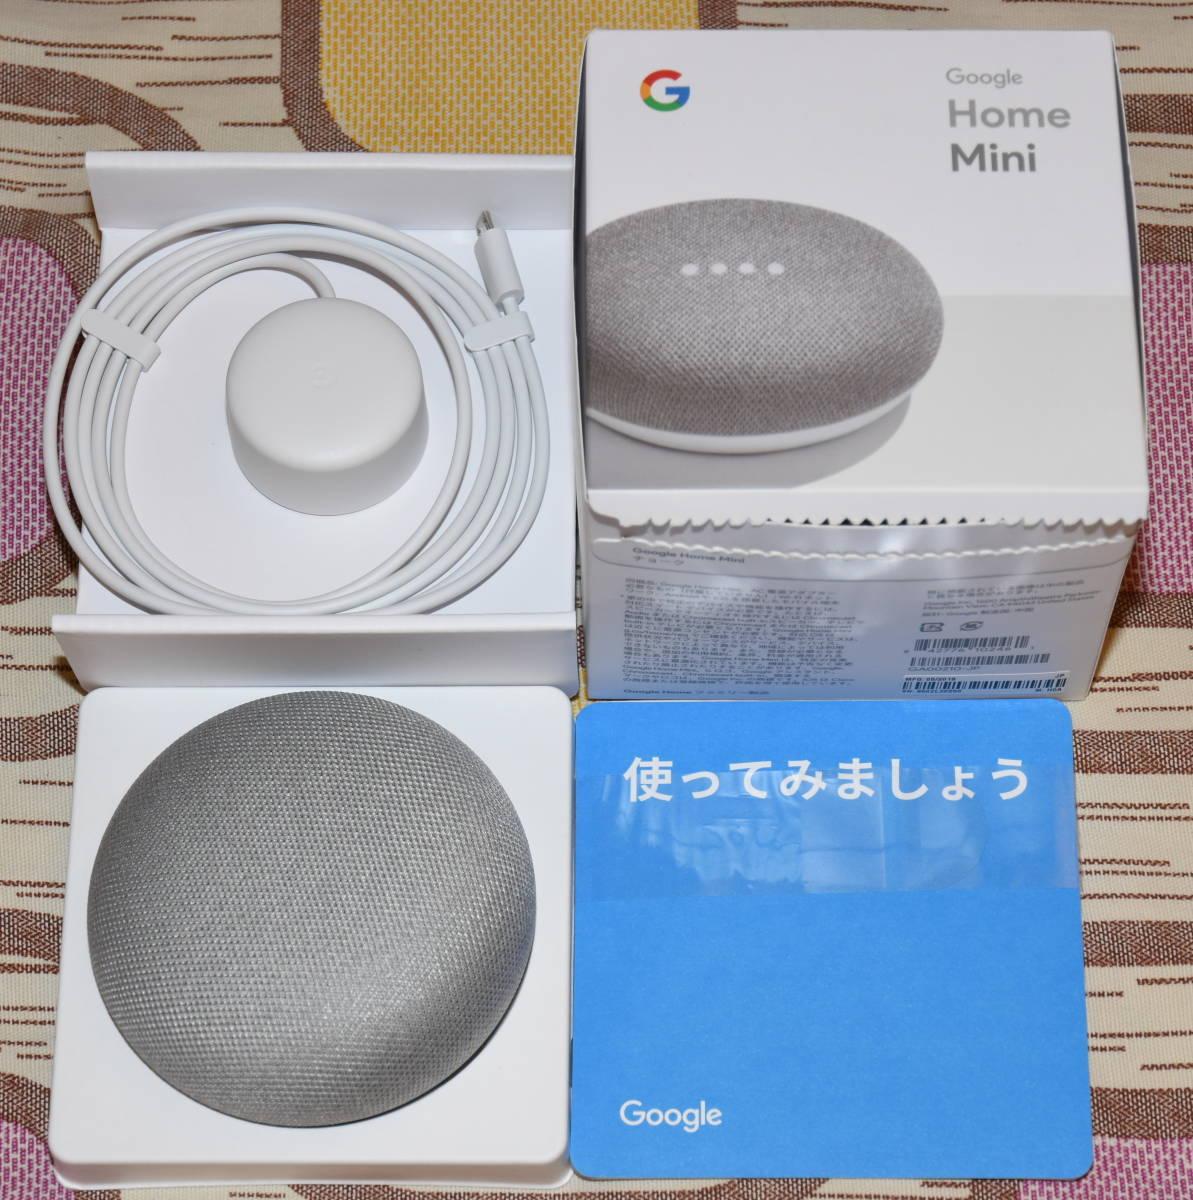 ◆美品 ヨドバシ領収書付 Google Home Mini グーグルホームミニ チョーク スマートスピーカー_画像2